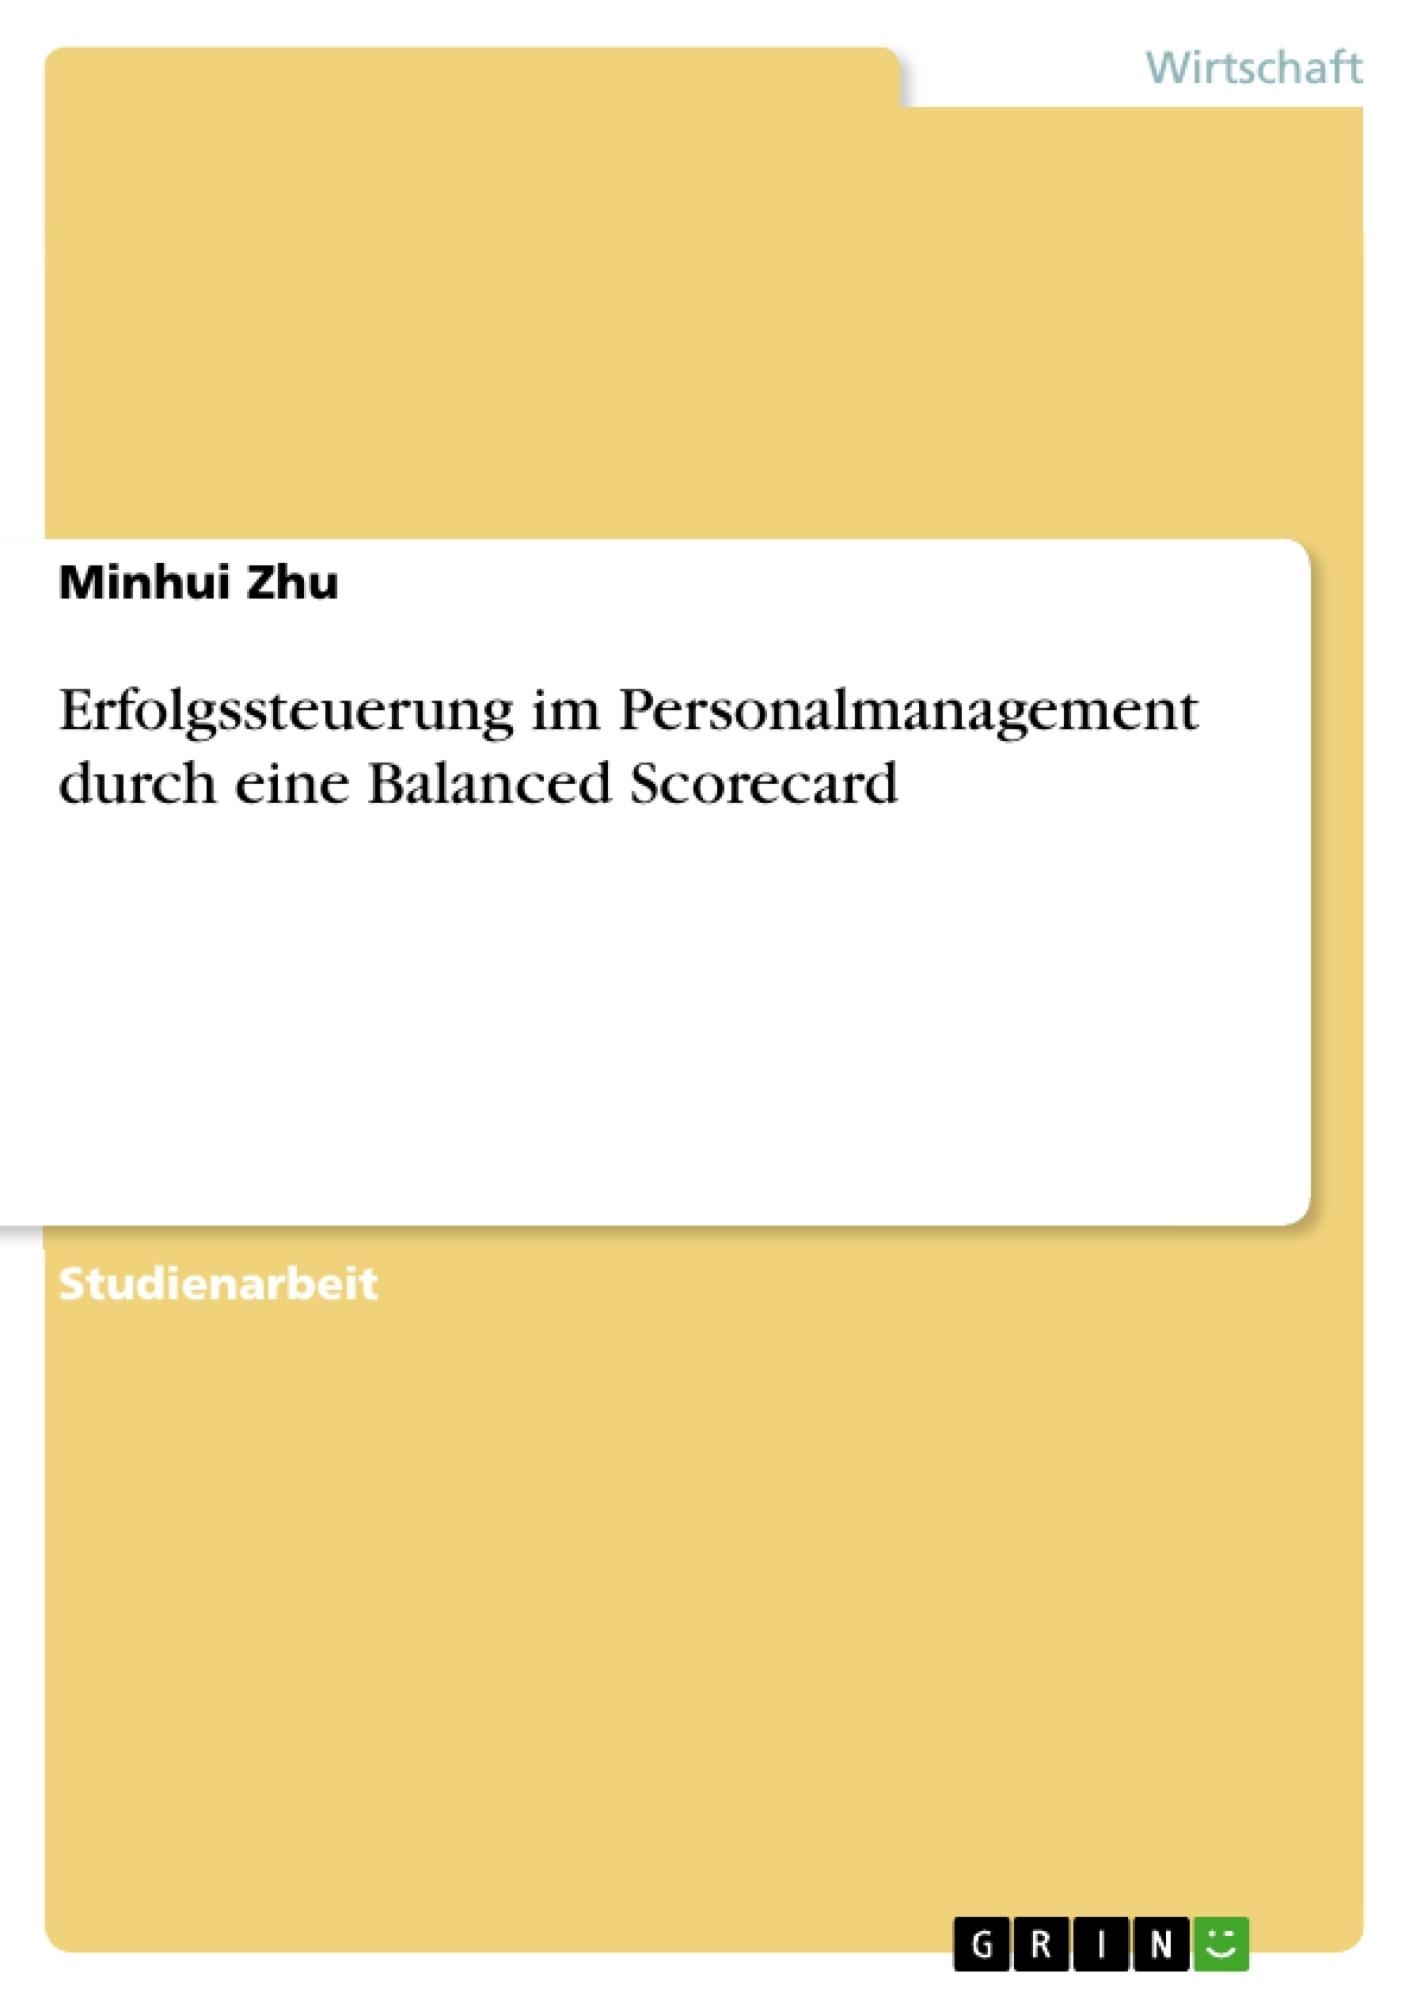 Titel: Erfolgssteuerung im Personalmanagement durch eine Balanced Scorecard